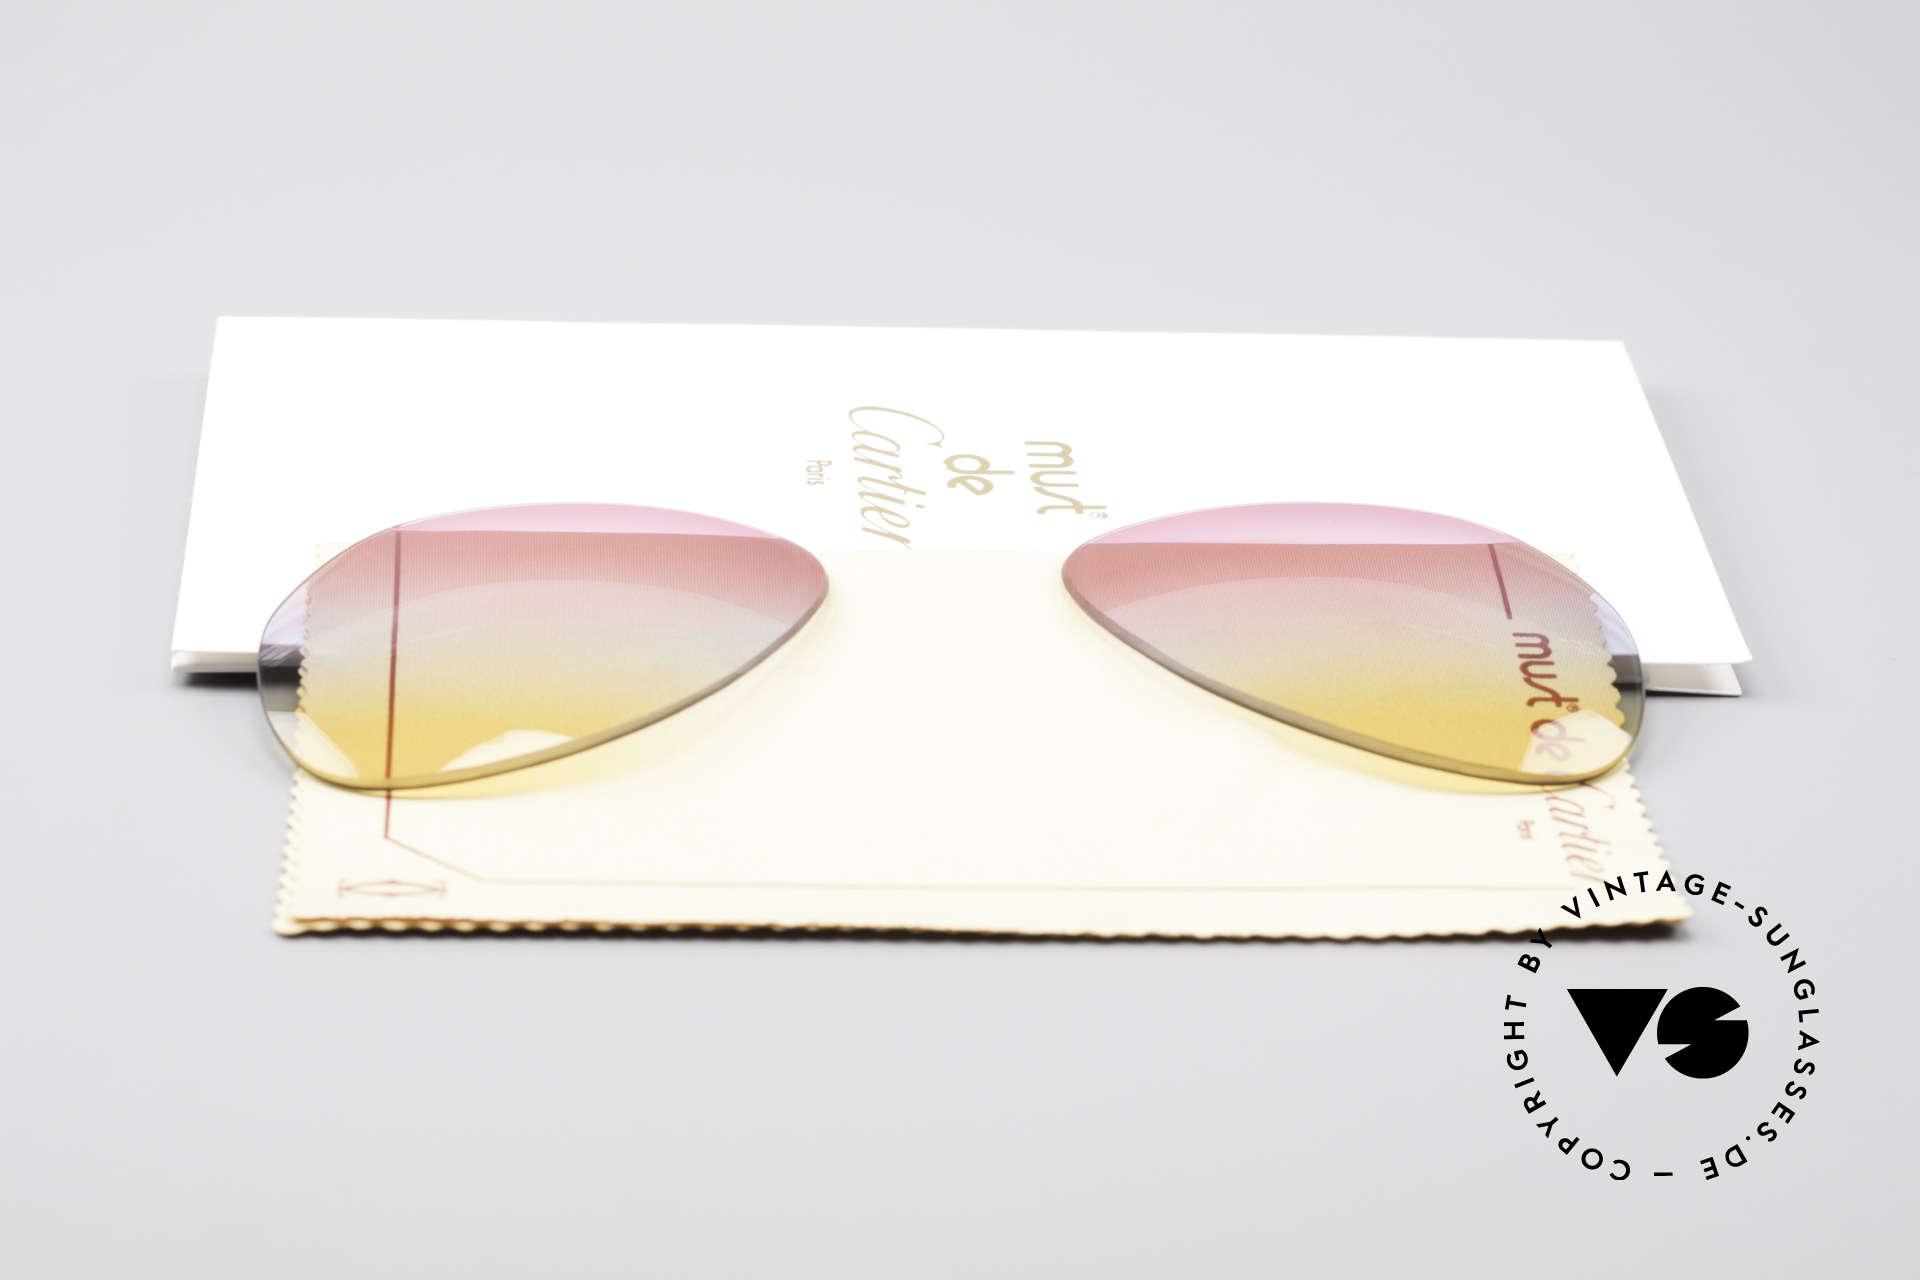 Cartier Vendome Lenses - M Tricolored Sunrise Gläser, von unserem Optiker gefertigt: daher neu & kratzerfrei, Passend für Herren und Damen